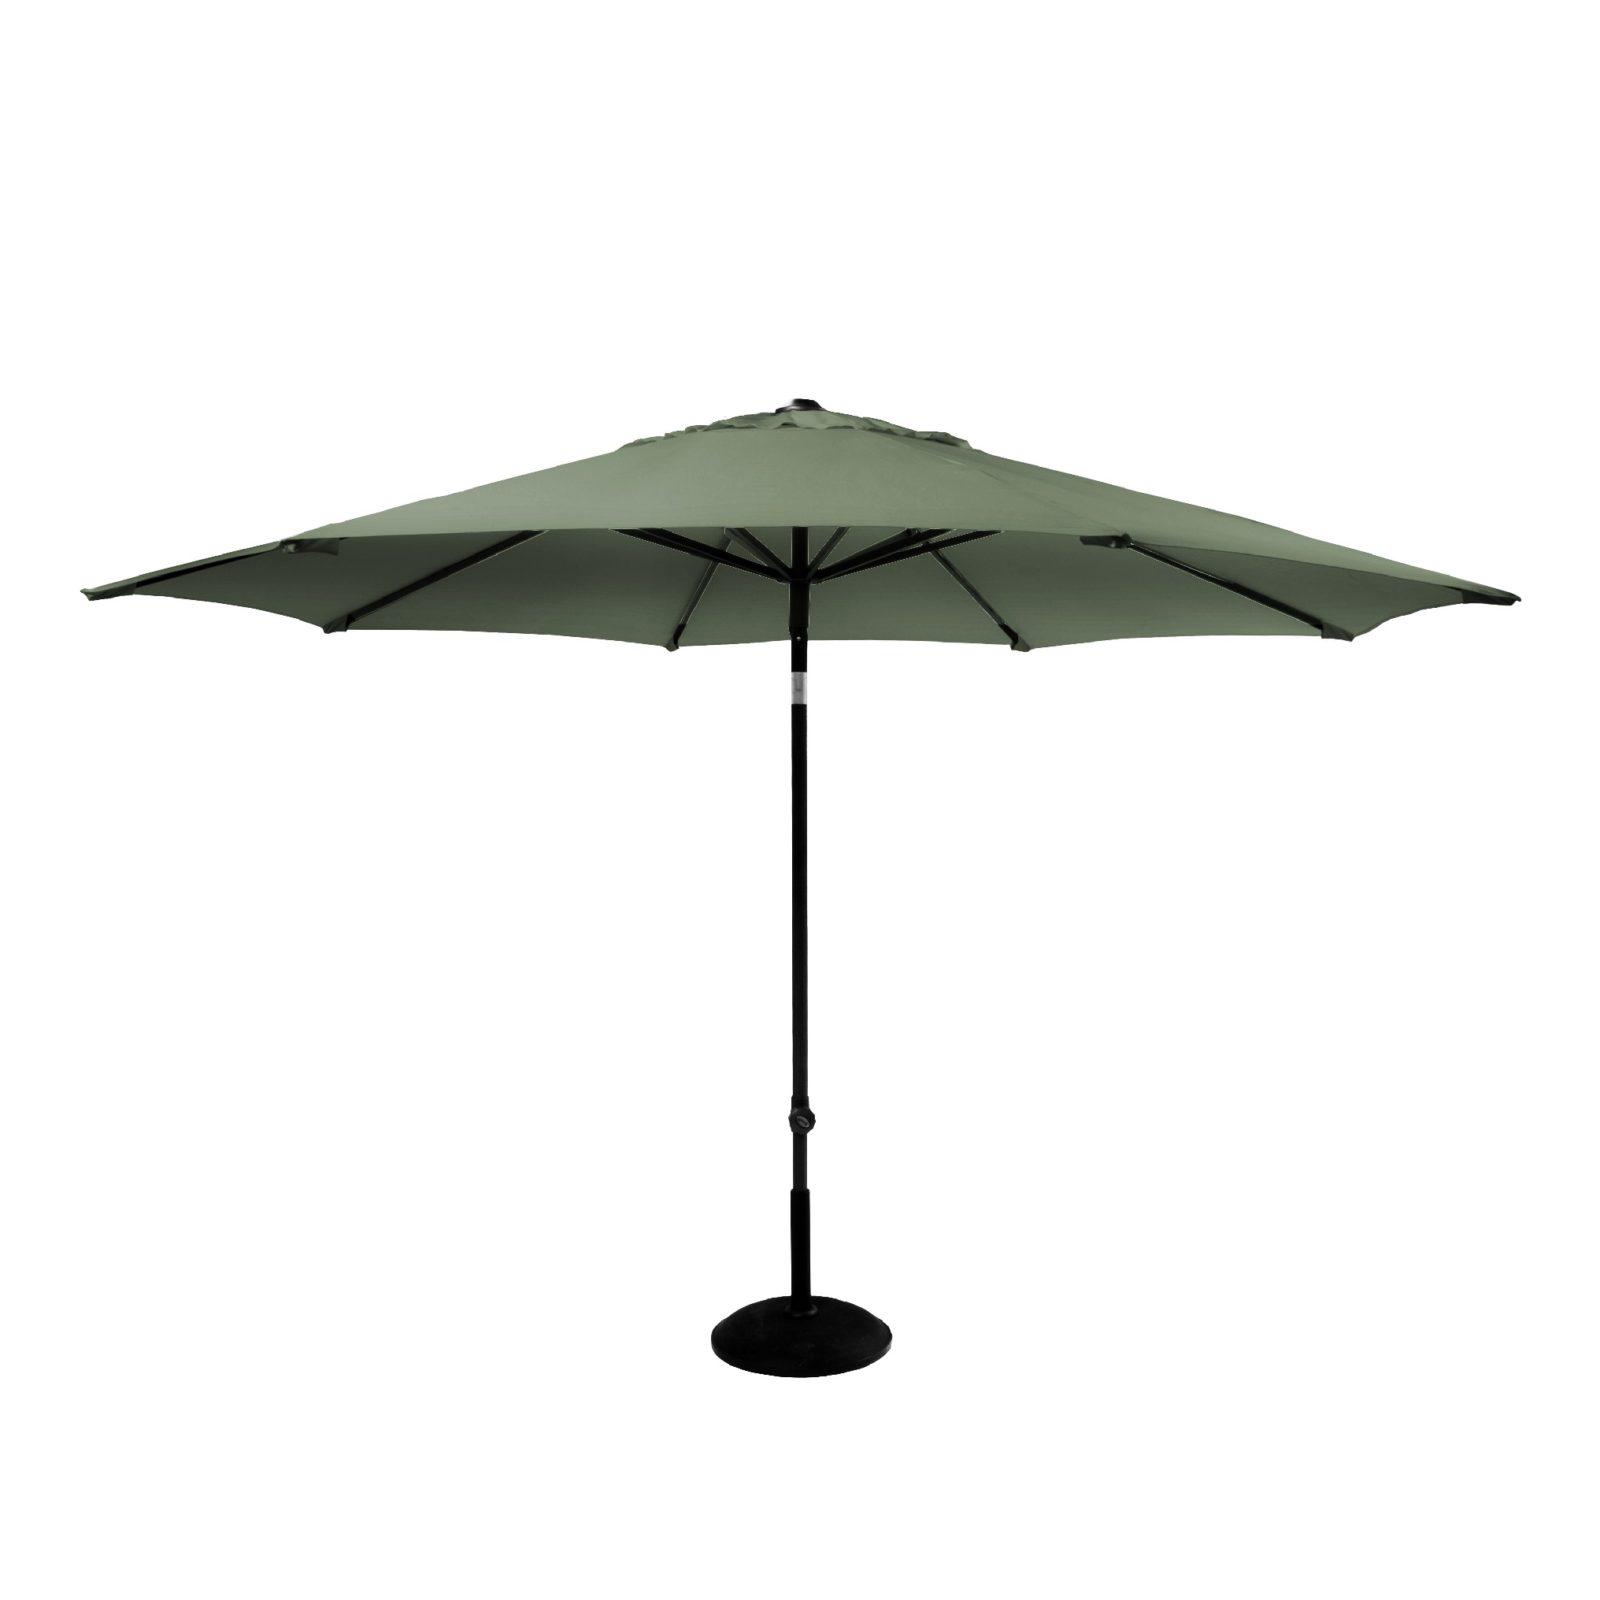 Parasol solarline 300 cm UPF50+ olivengrøn dug 14165052